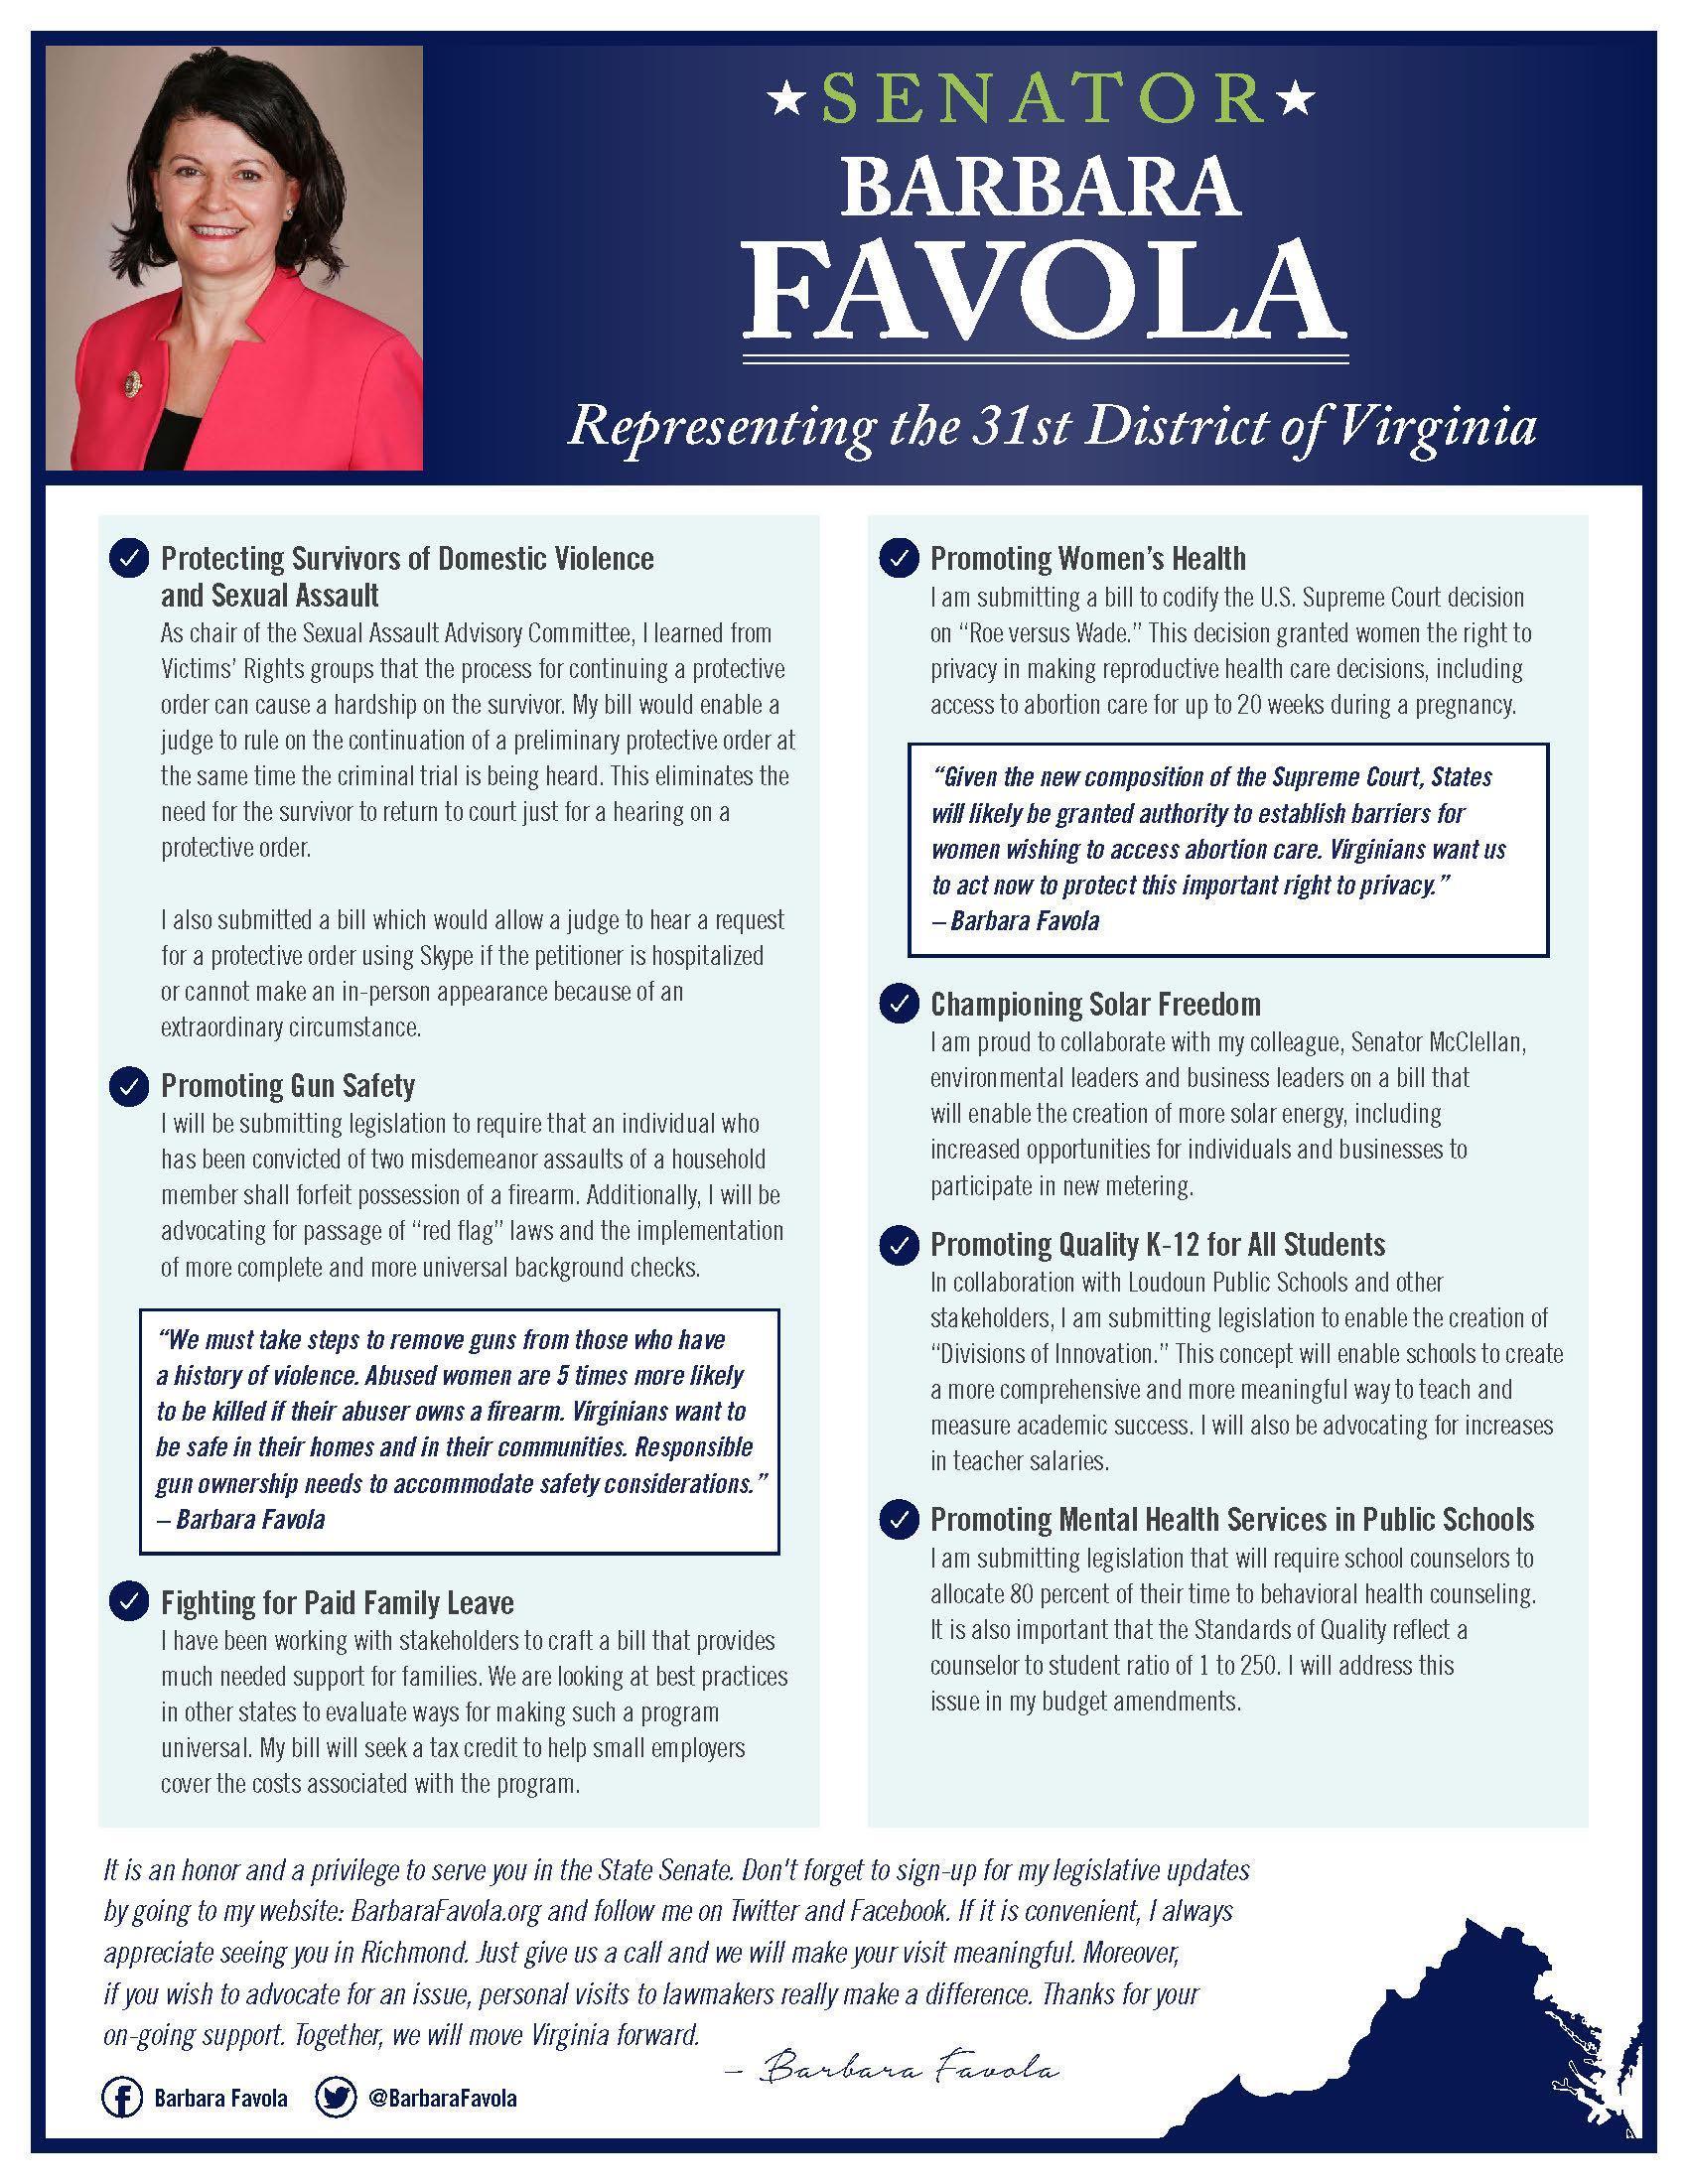 Senator Barbara Favola 2019 Legislative Agenda